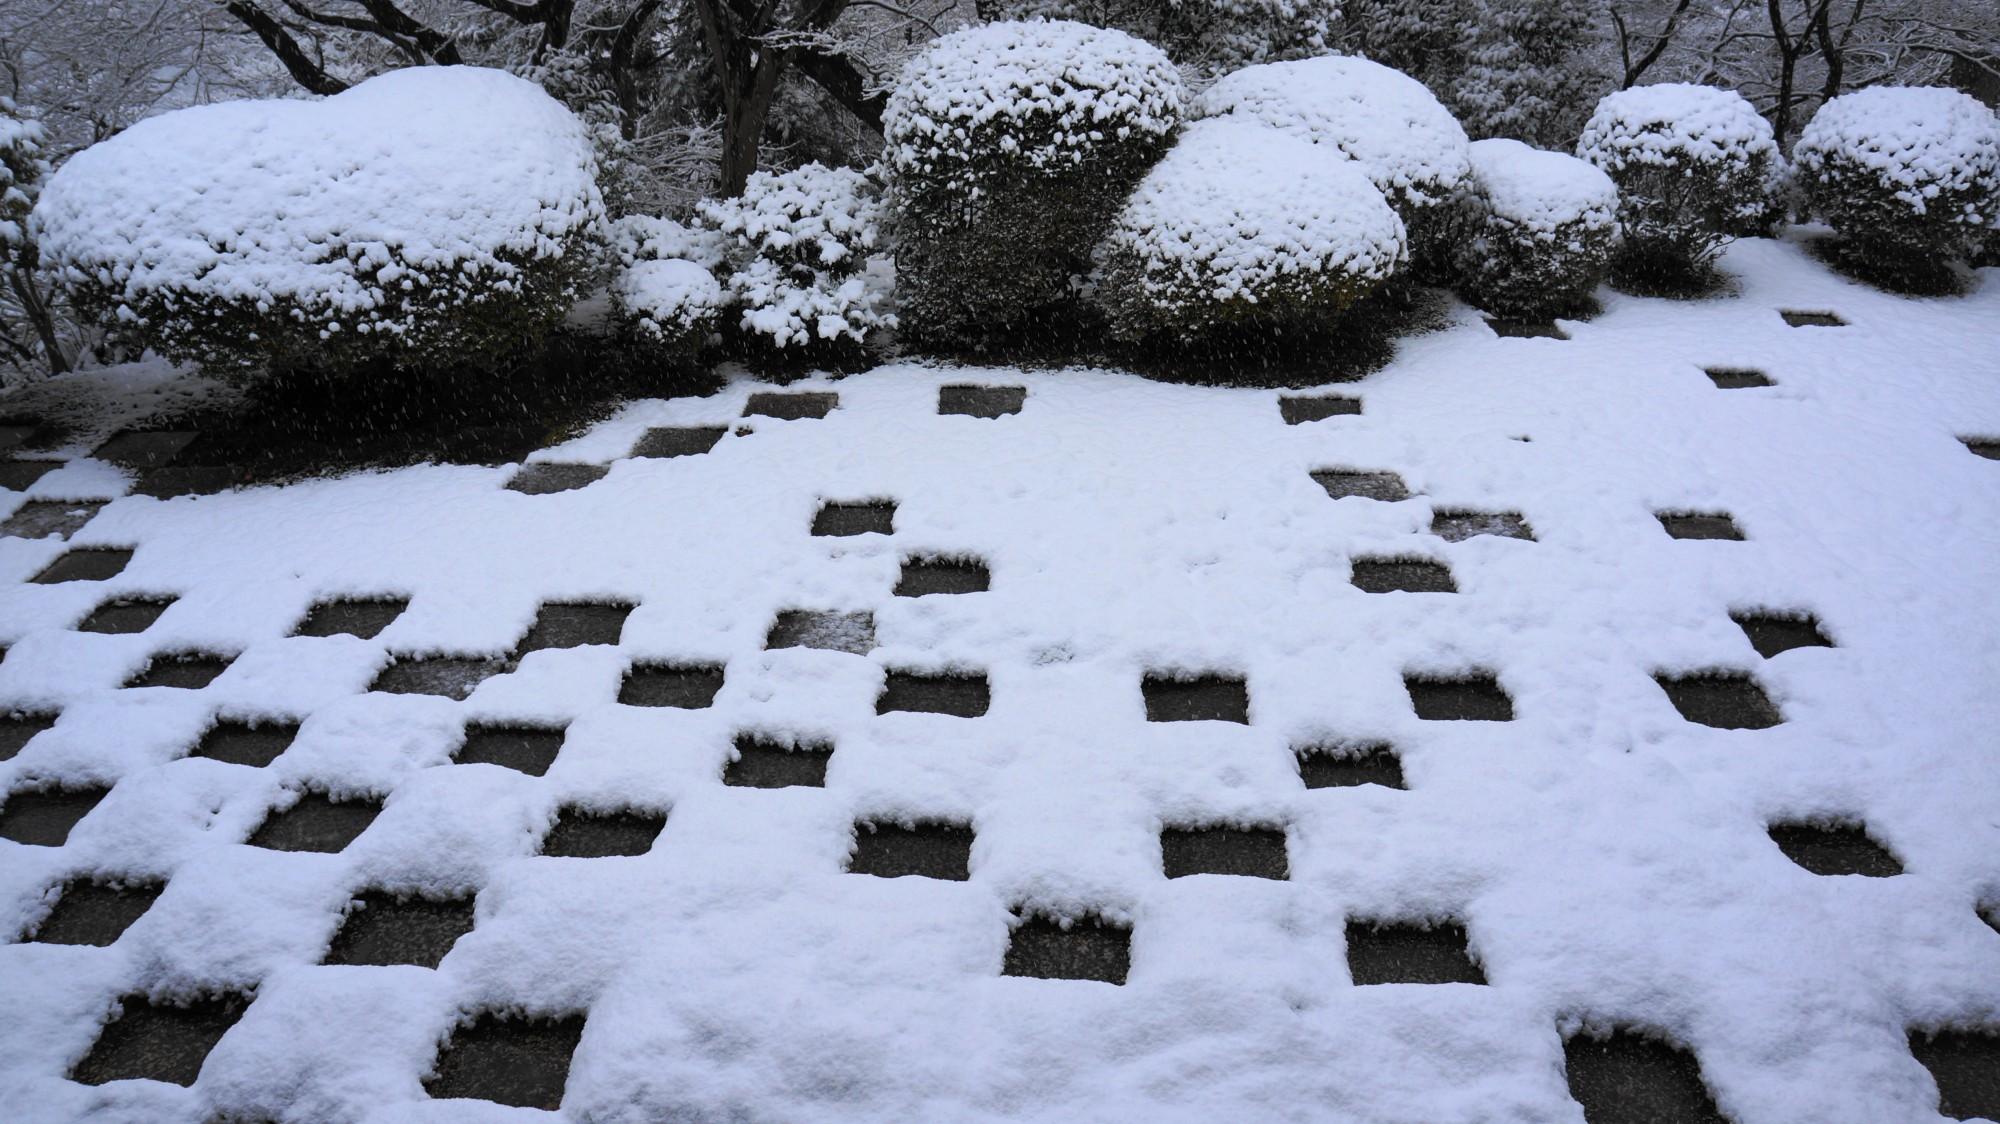 東福寺 方丈庭園 雪 多彩な庭園の冬景色